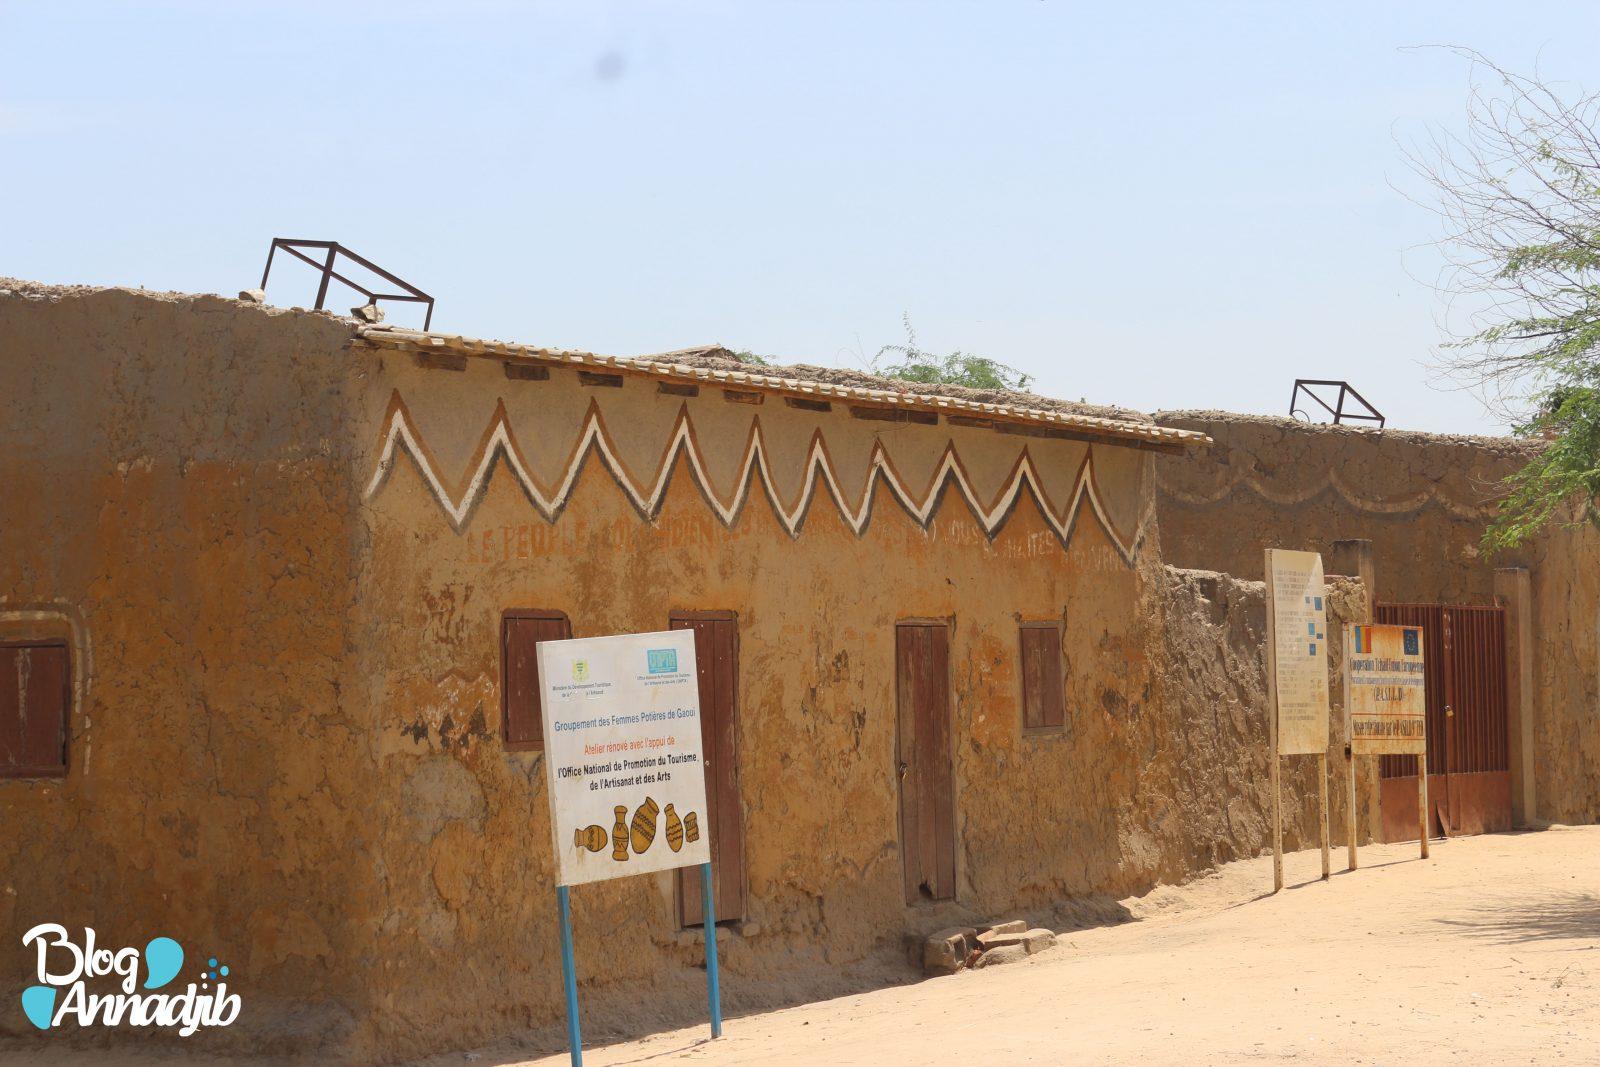 Entrée musée de gaoui